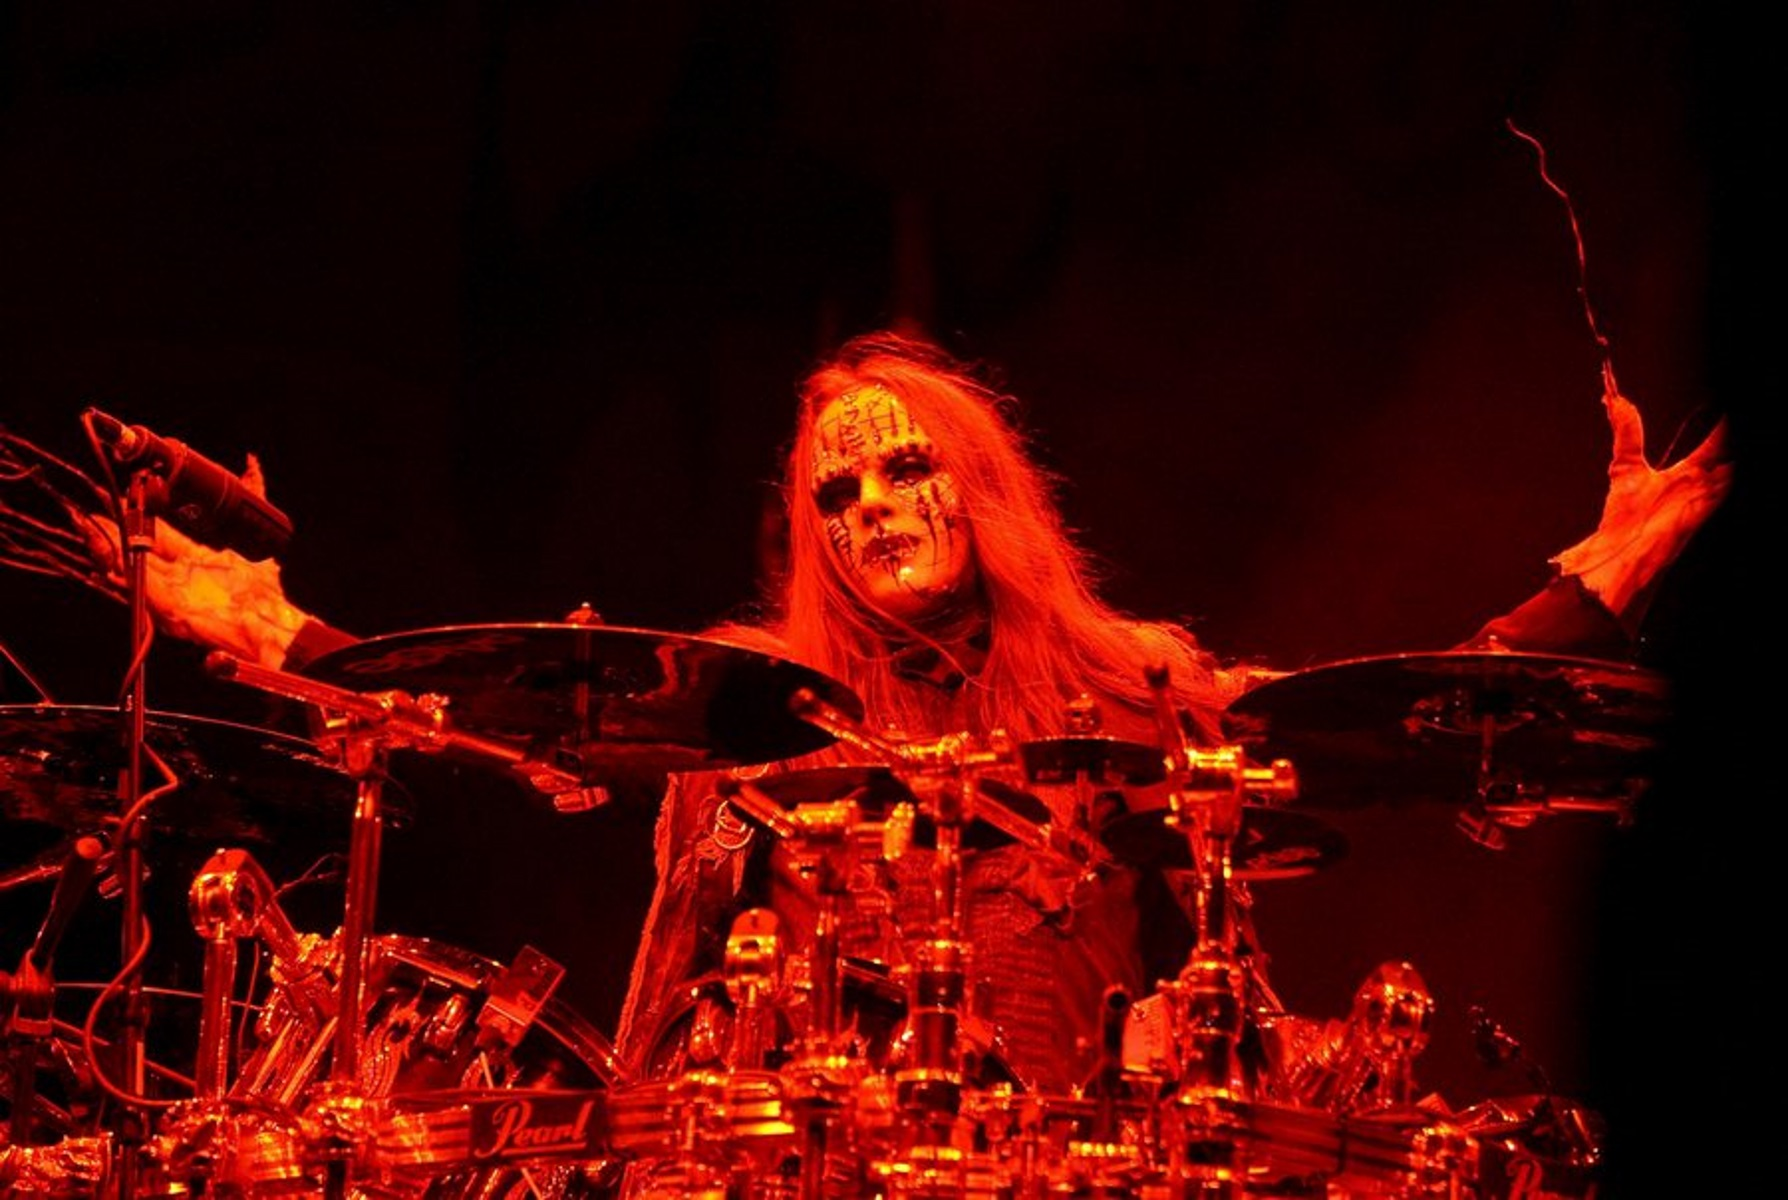 Πέθανε ο Joey Jordison ντράμερ του metal συγκροτήματος  Slipknot